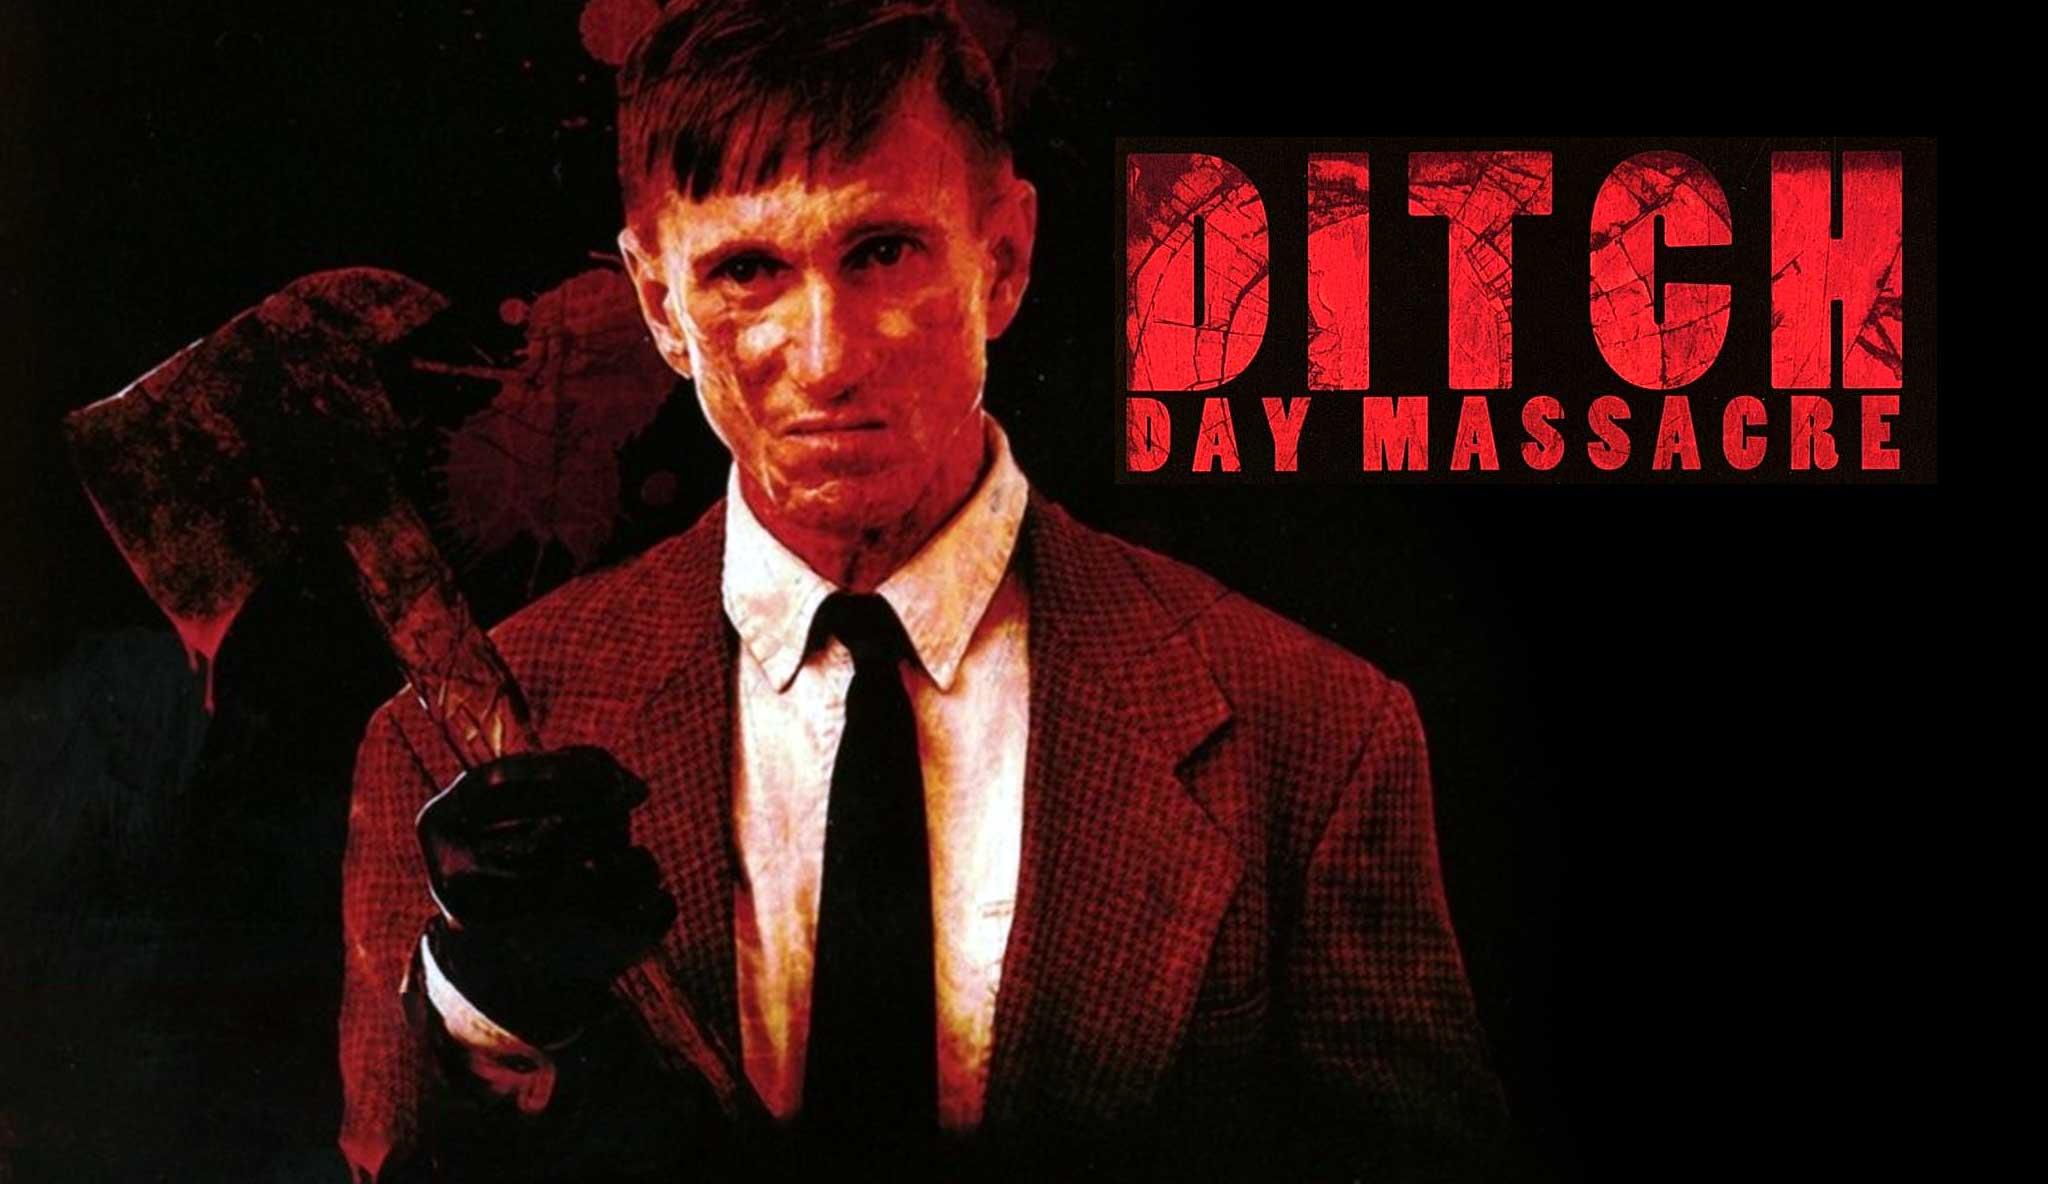 ditch-day-massacre-sie-werden-alle-bezahlen\header.jpg